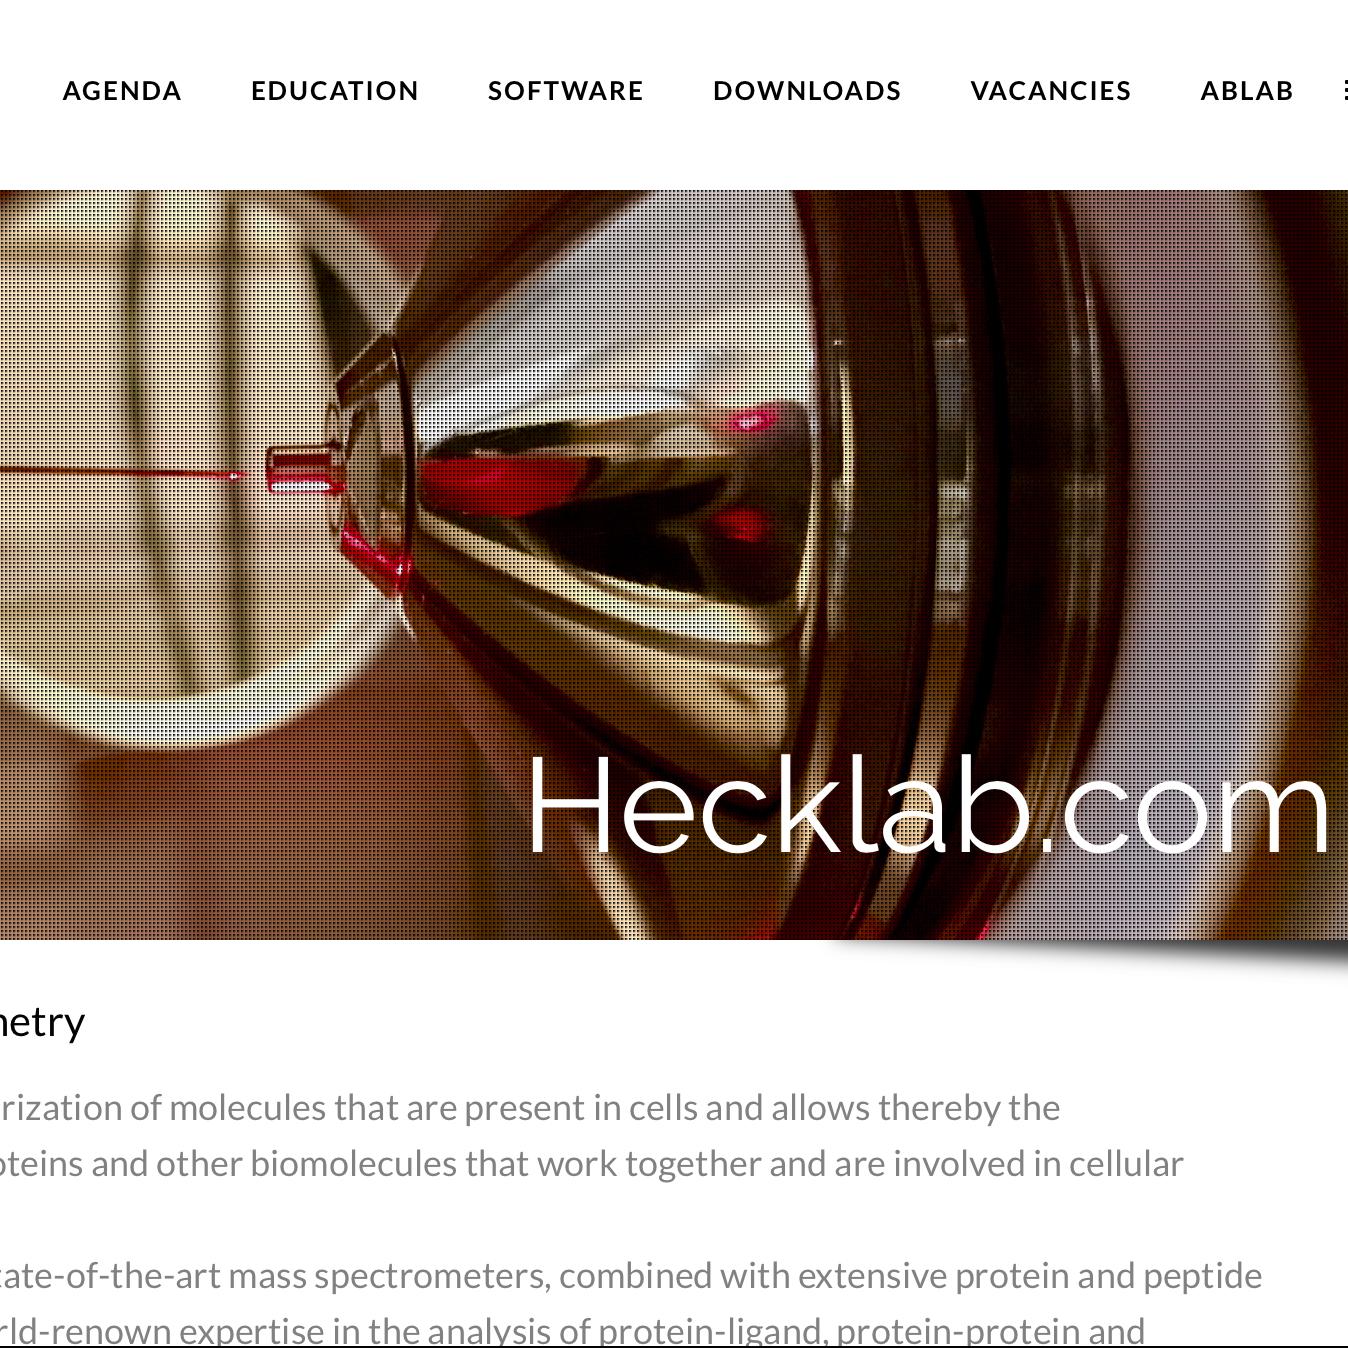 hecklab